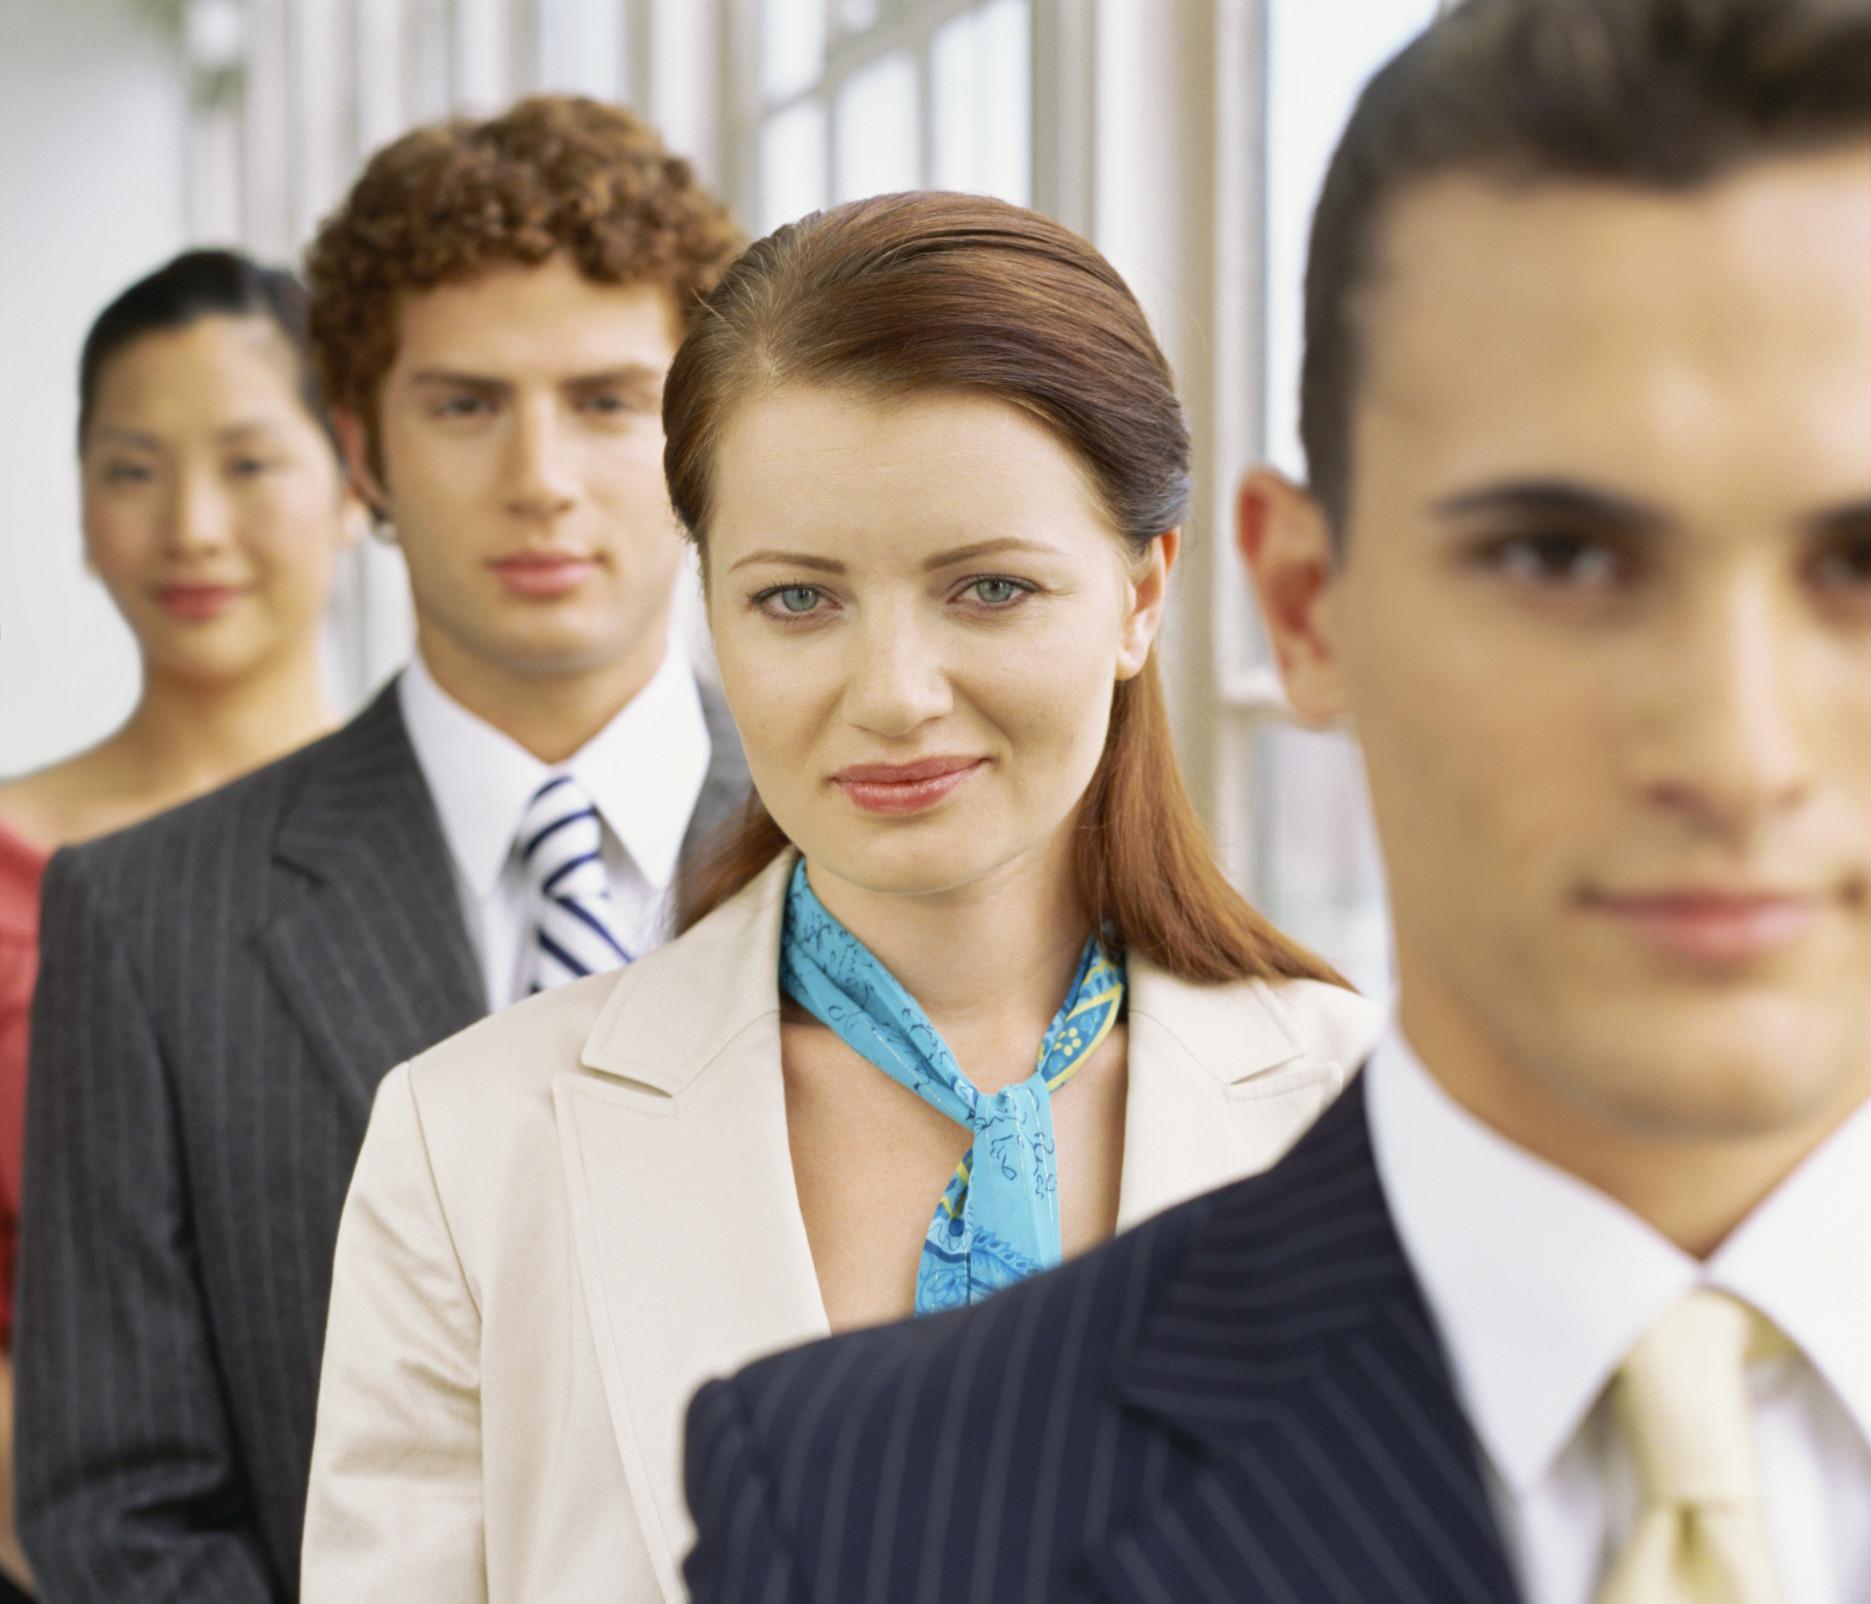 millennials at work